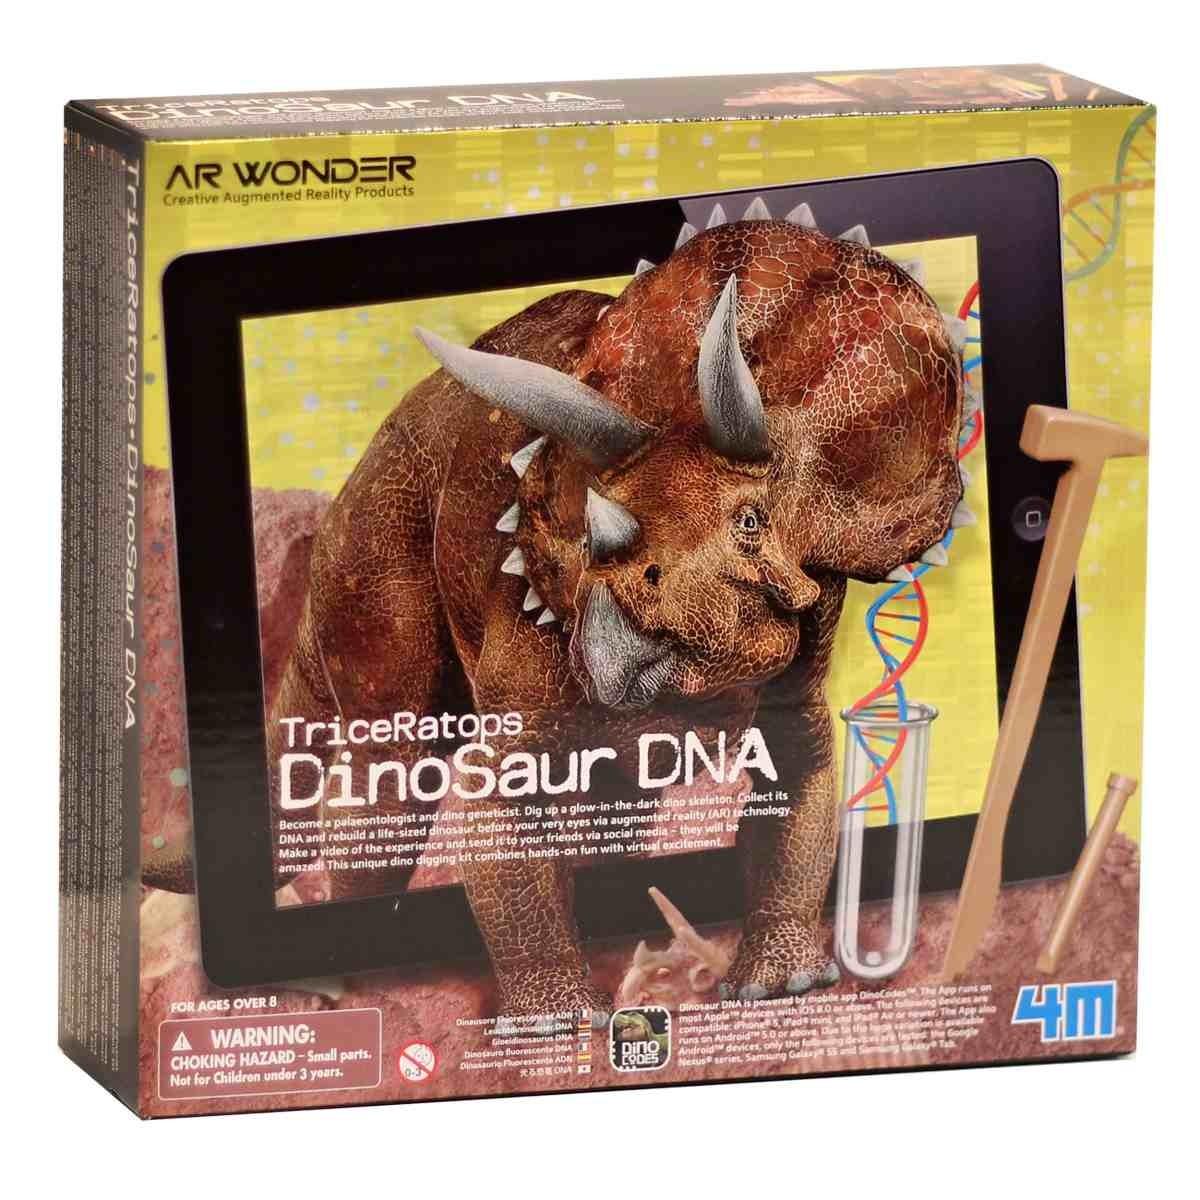 Dinosauří DNA TriceRatops, Skládací svítící kostra